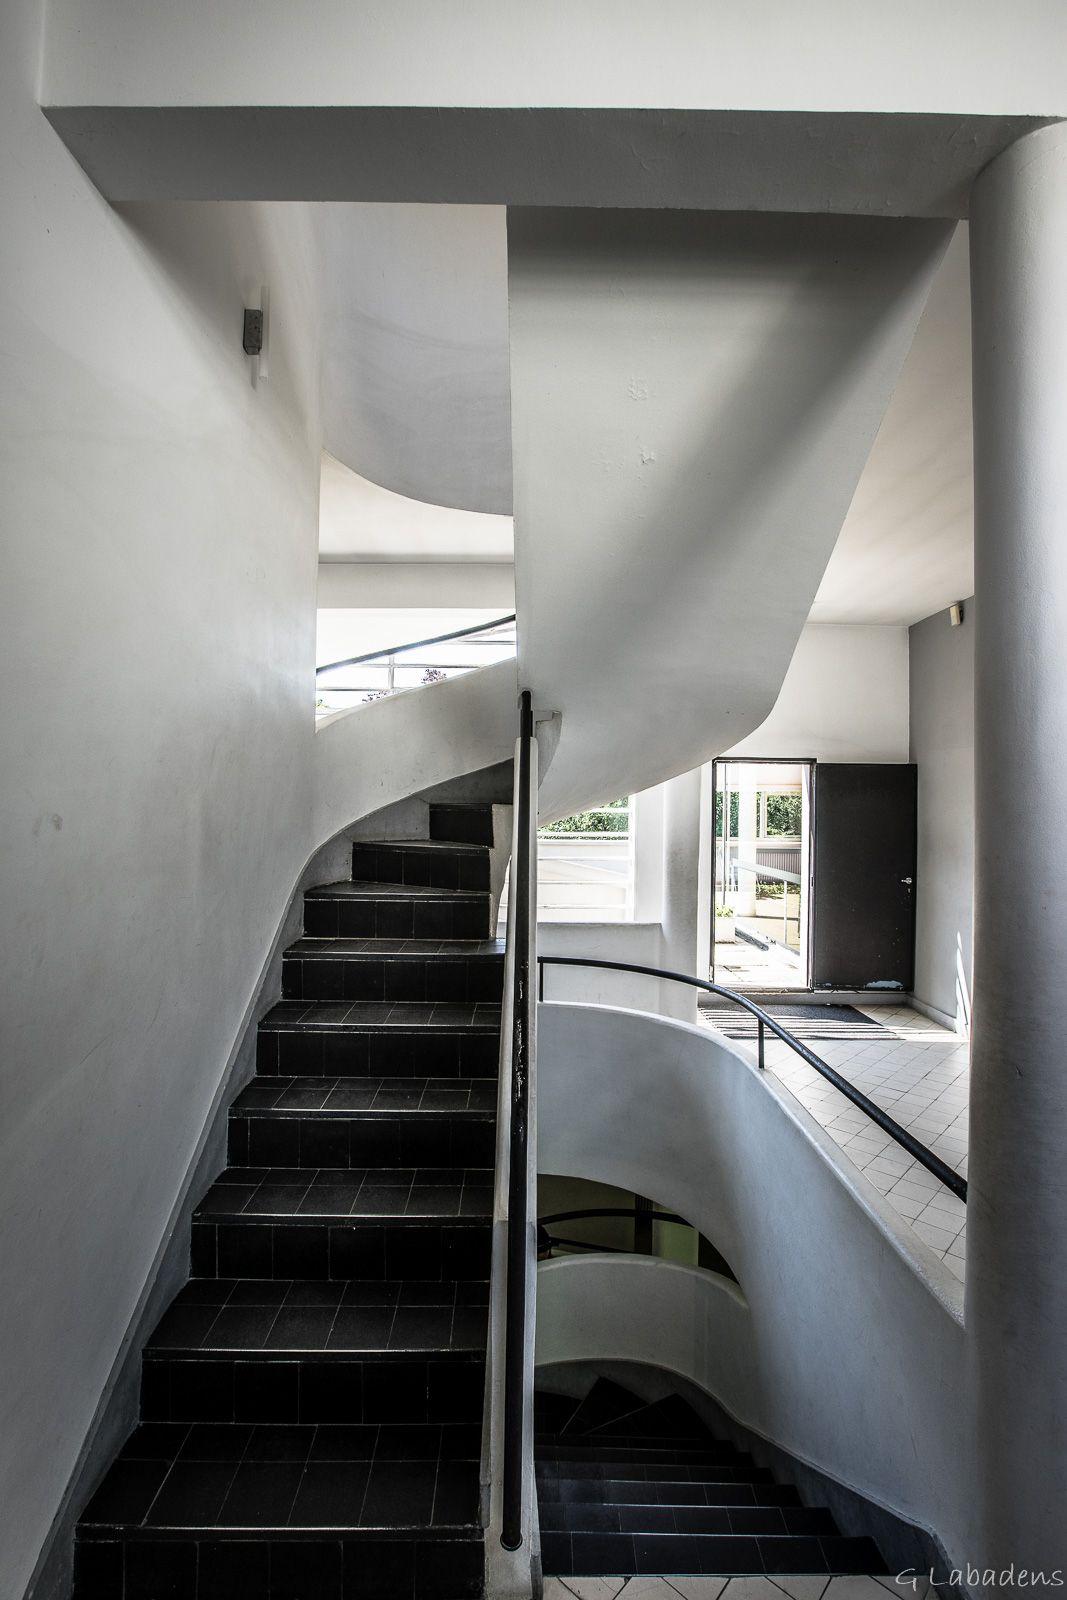 visite en photos de la villa savoye poissy architecte le corbusier a m 39 int resse. Black Bedroom Furniture Sets. Home Design Ideas